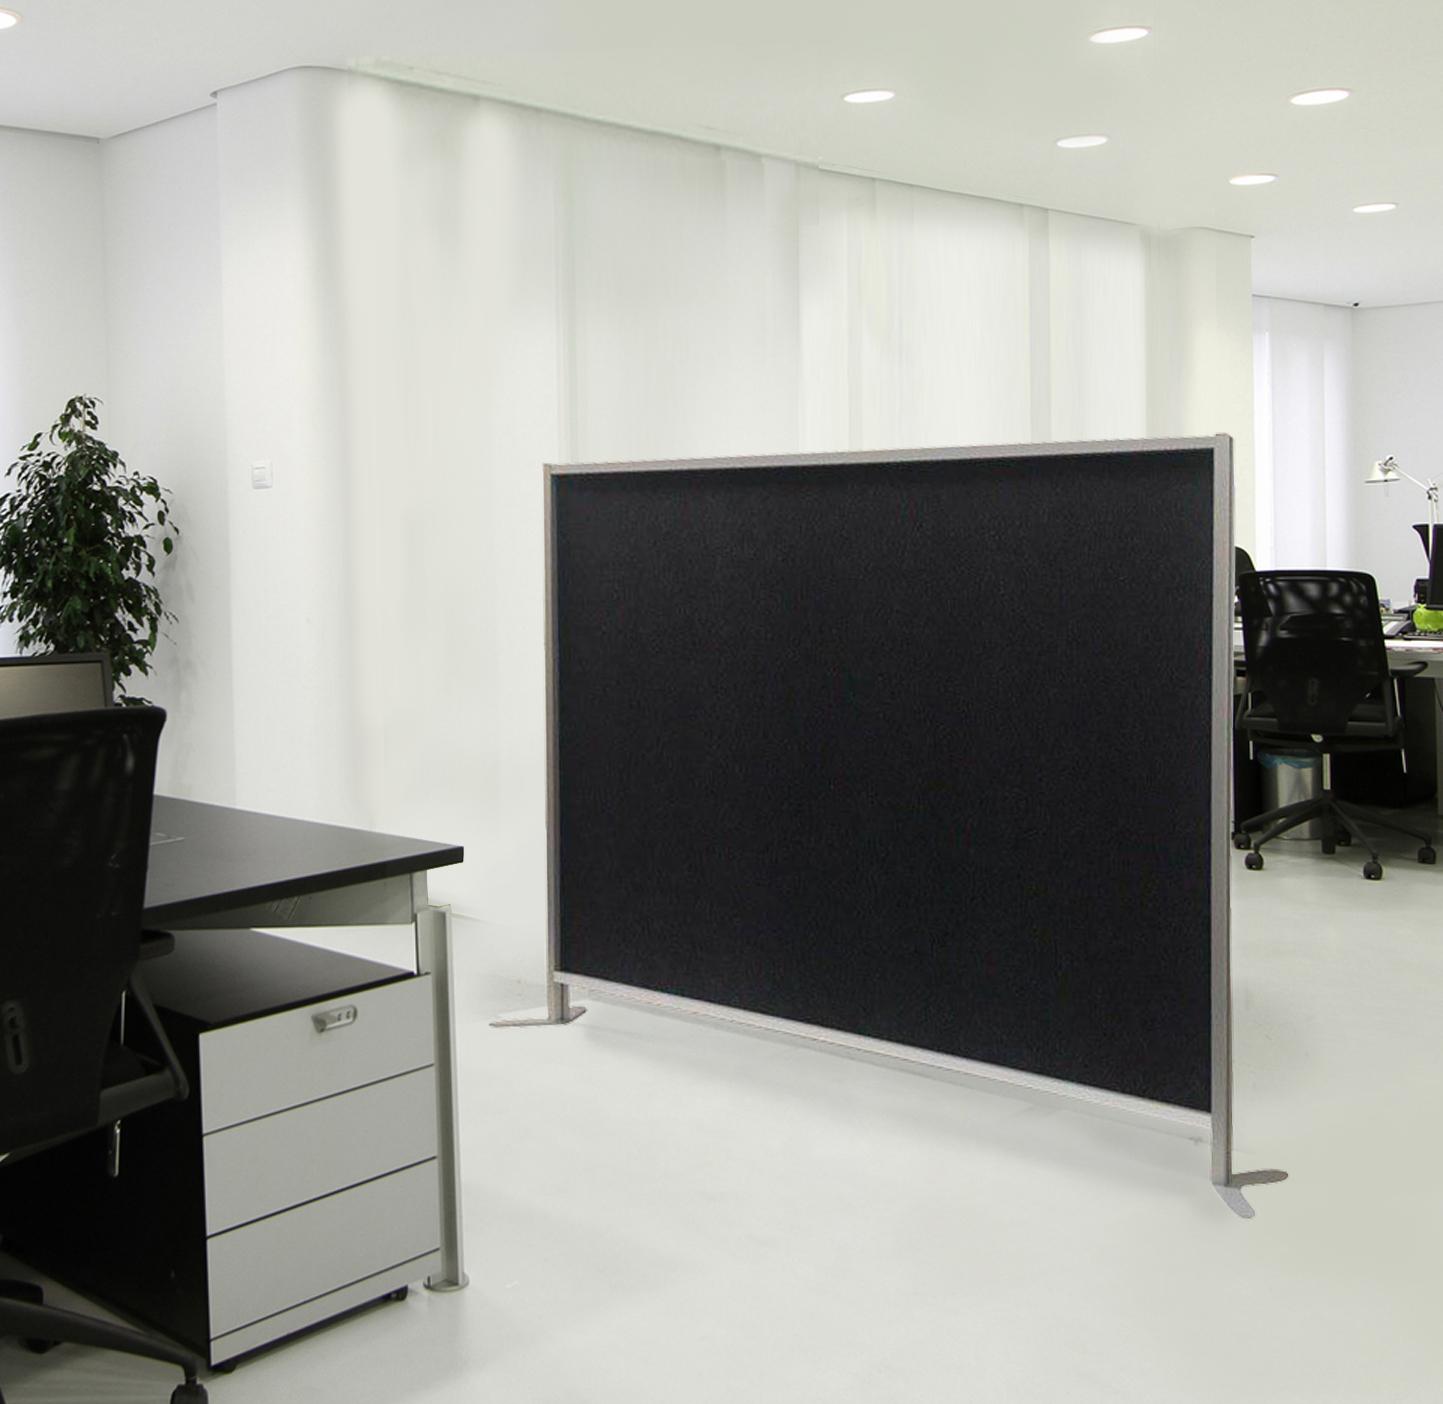 Pannelli Divisori Per Ufficio Ikea  los angeles